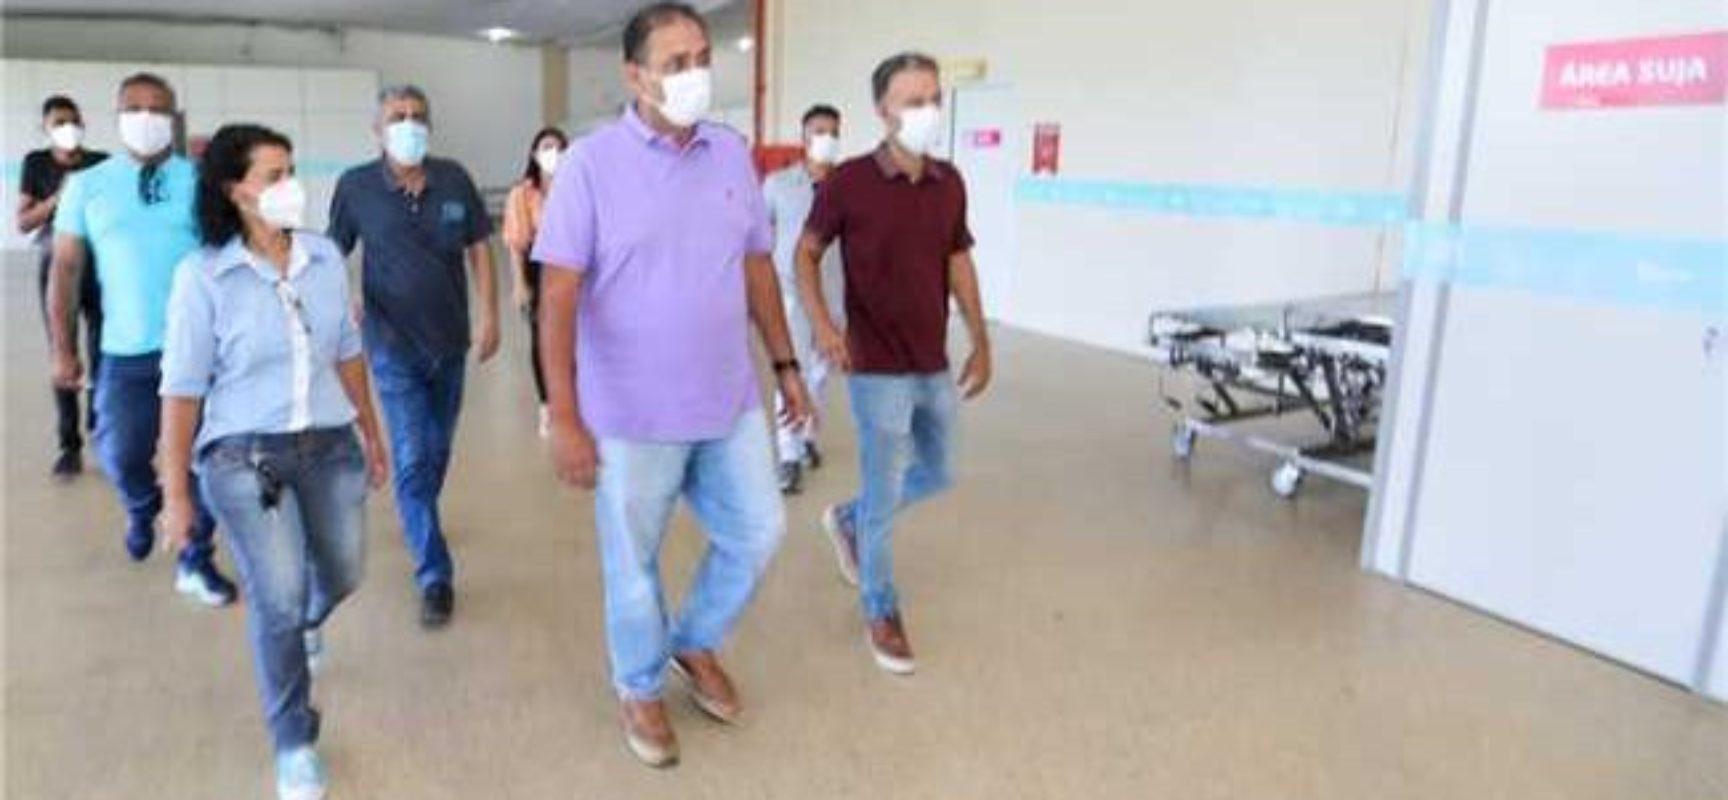 Prefeitura abre mais 20 leitos de UTI para tratamento da Covid-19 em Ilhéus